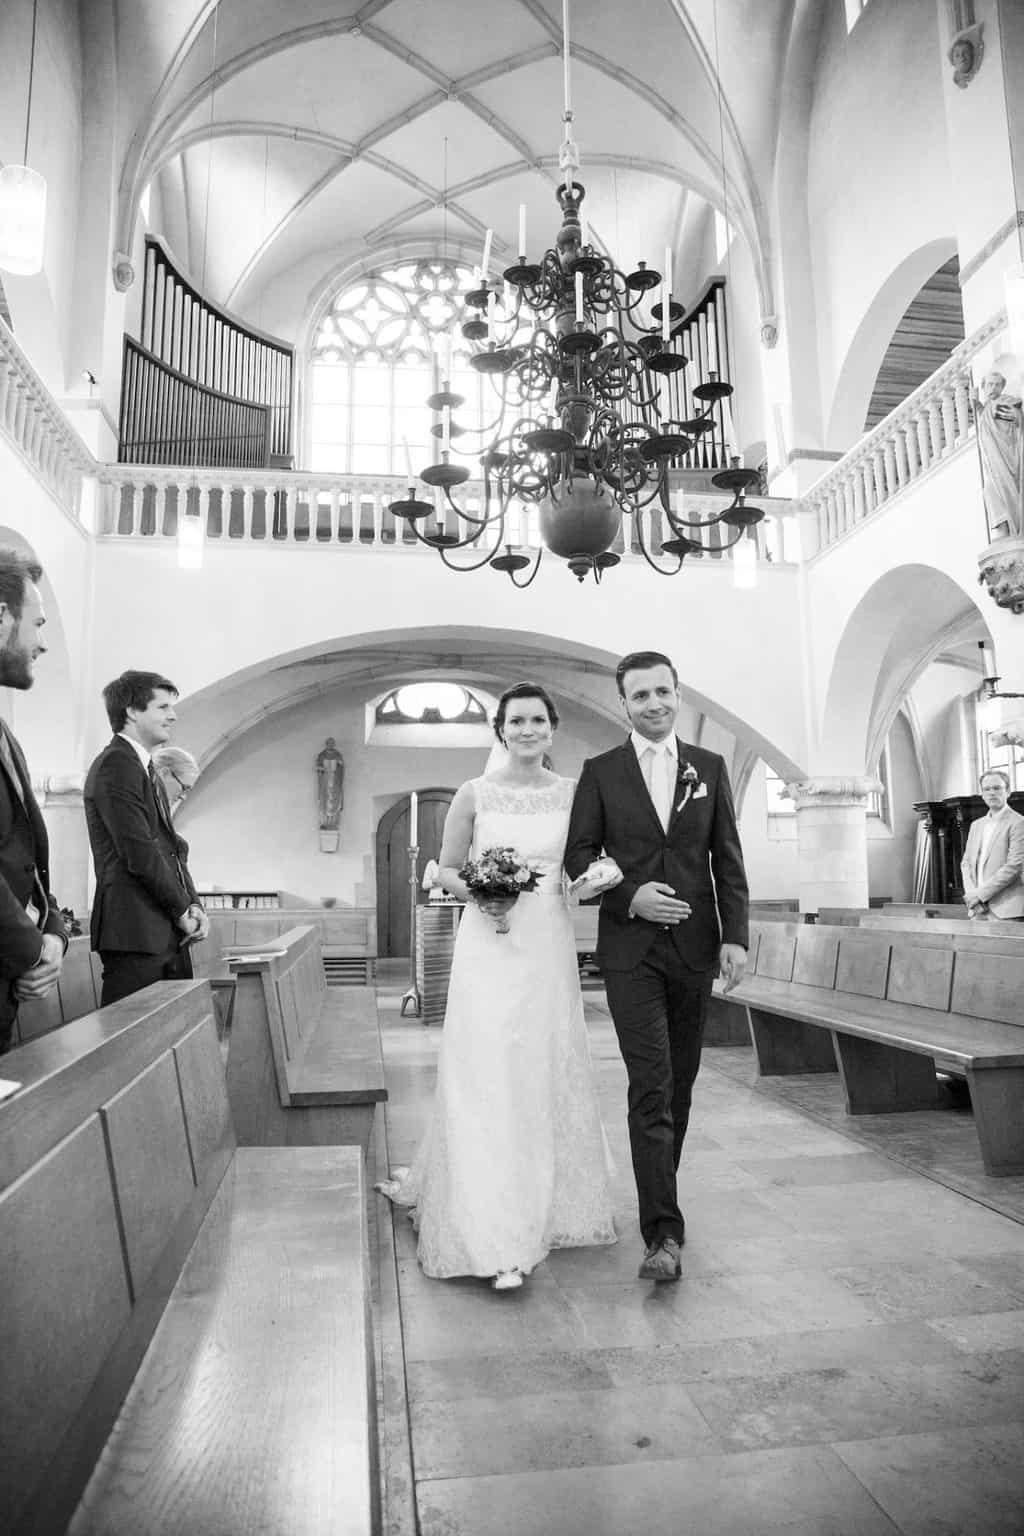 Hochzeit von Laura und Jan in Münster: Brautpaar zieht in die Kirche ein